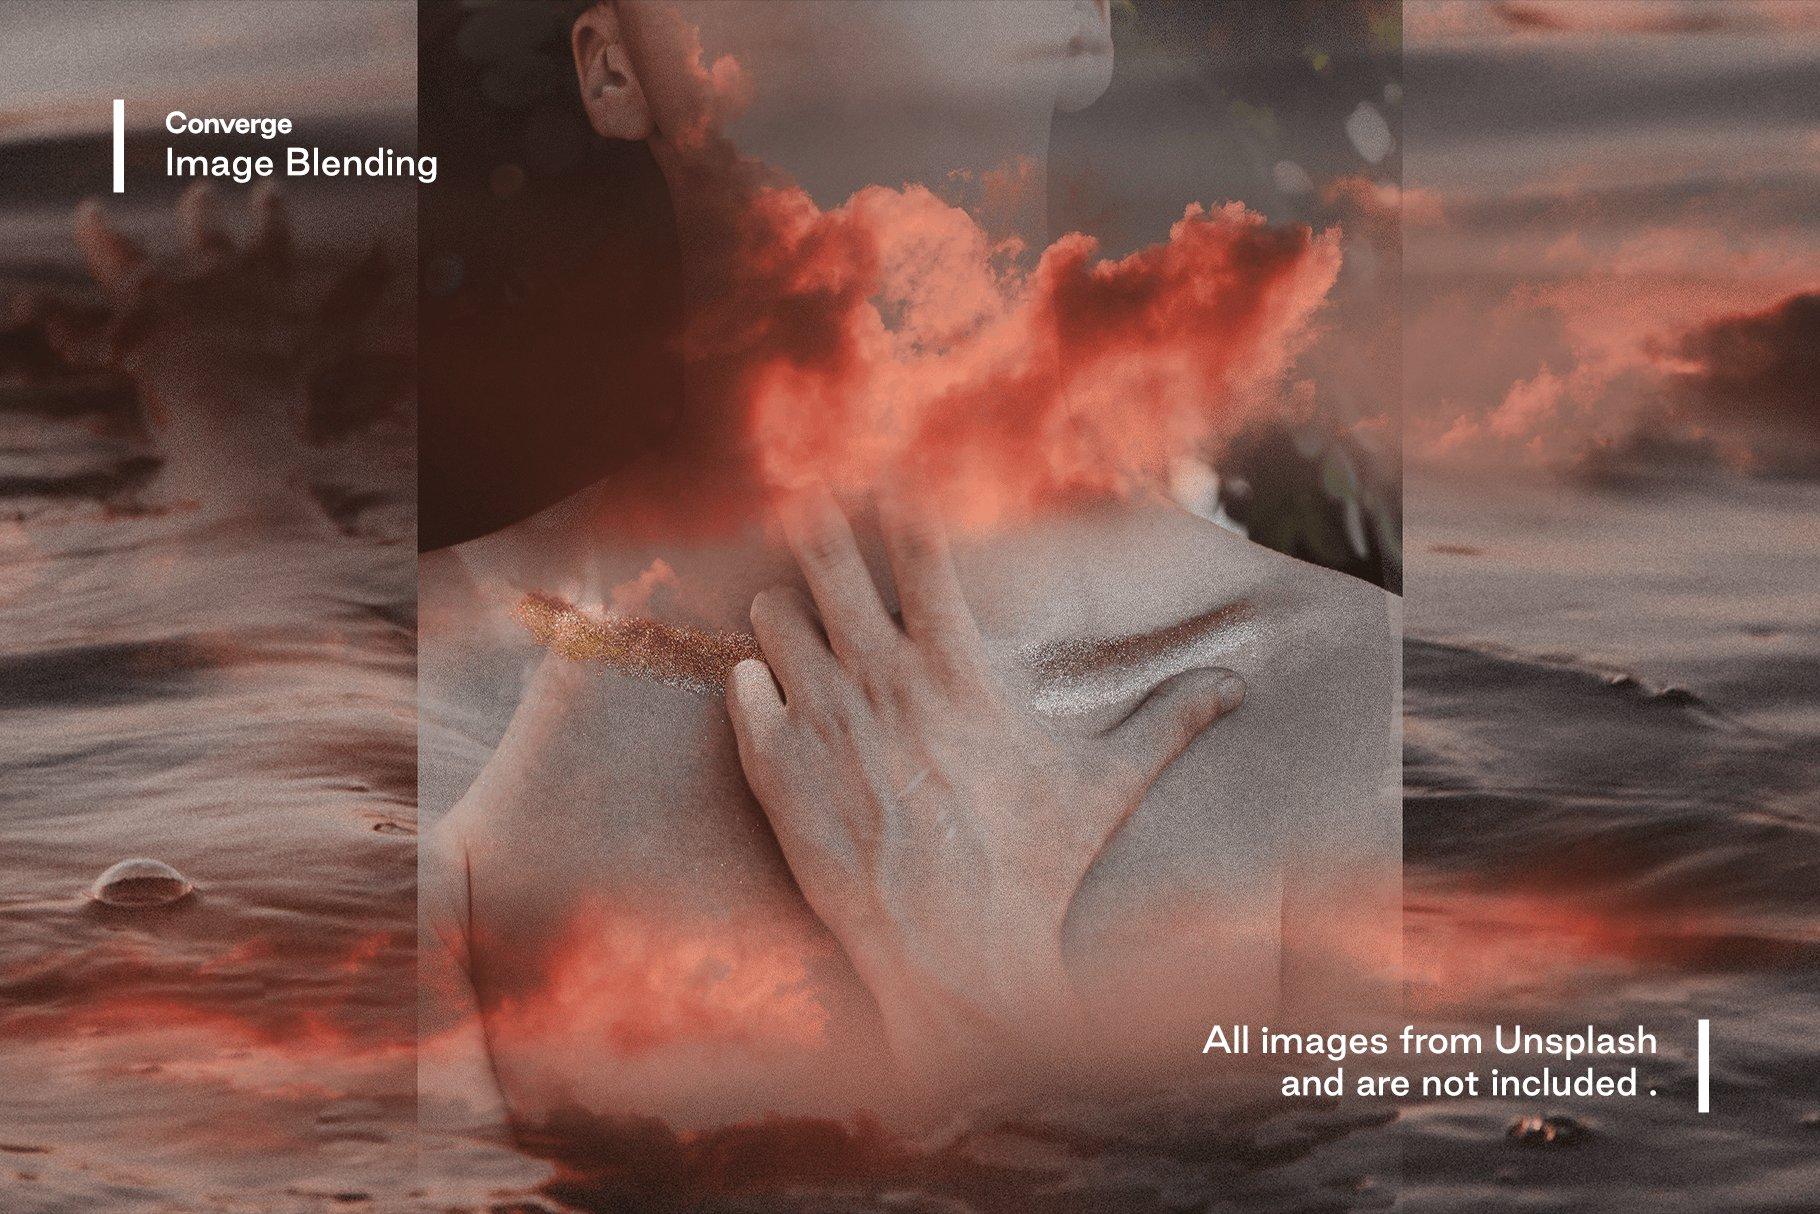 [淘宝购买] 多种曝光融合烟雾混合效果照片处理PS图层样式 Converge – Image Blending插图8